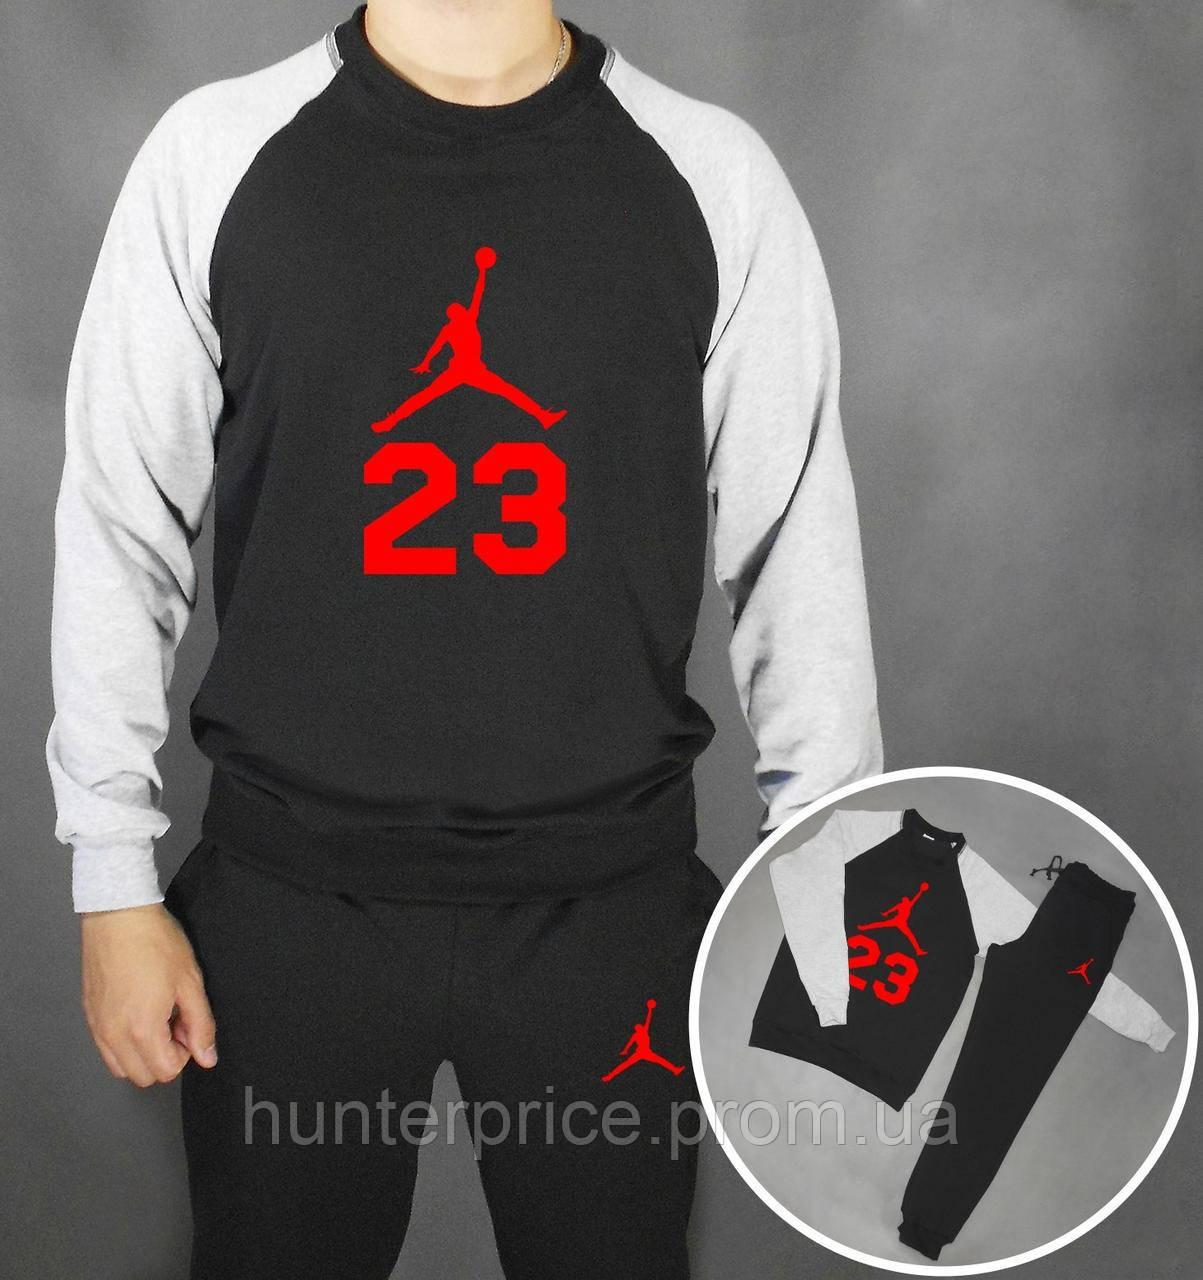 aa6c602af774 Мужской спортивный костюм с принтом Jordan - Интернет - магазин